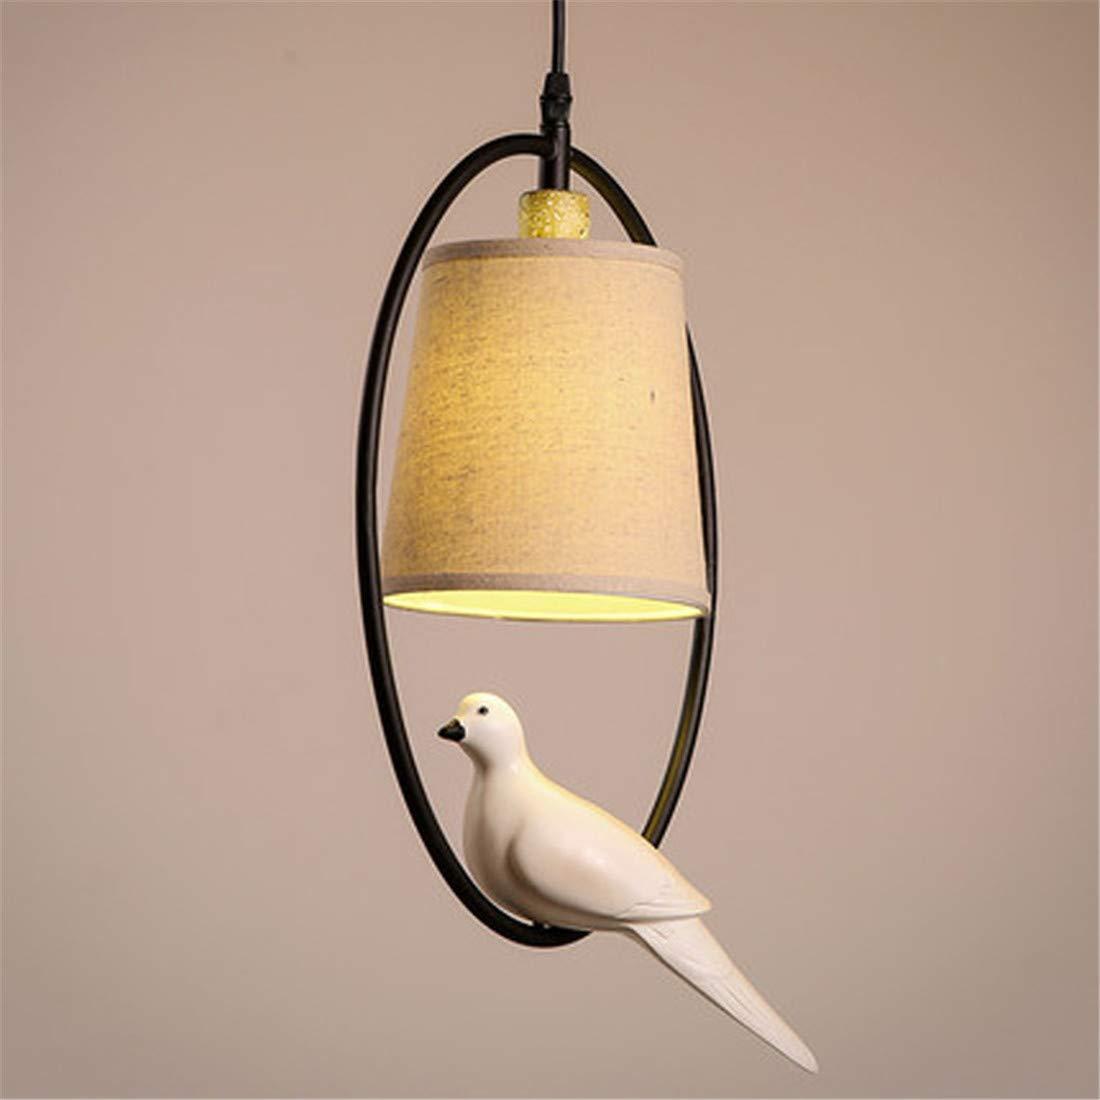 Eisenkunst Leuchter Vogelform Europäischer Stil Oval Dekoration Tuch Lampenschirm Warmes Licht Kinderzimmer Verstellbare Höhe 38  25 cm (Kronleuchter,Lüste)